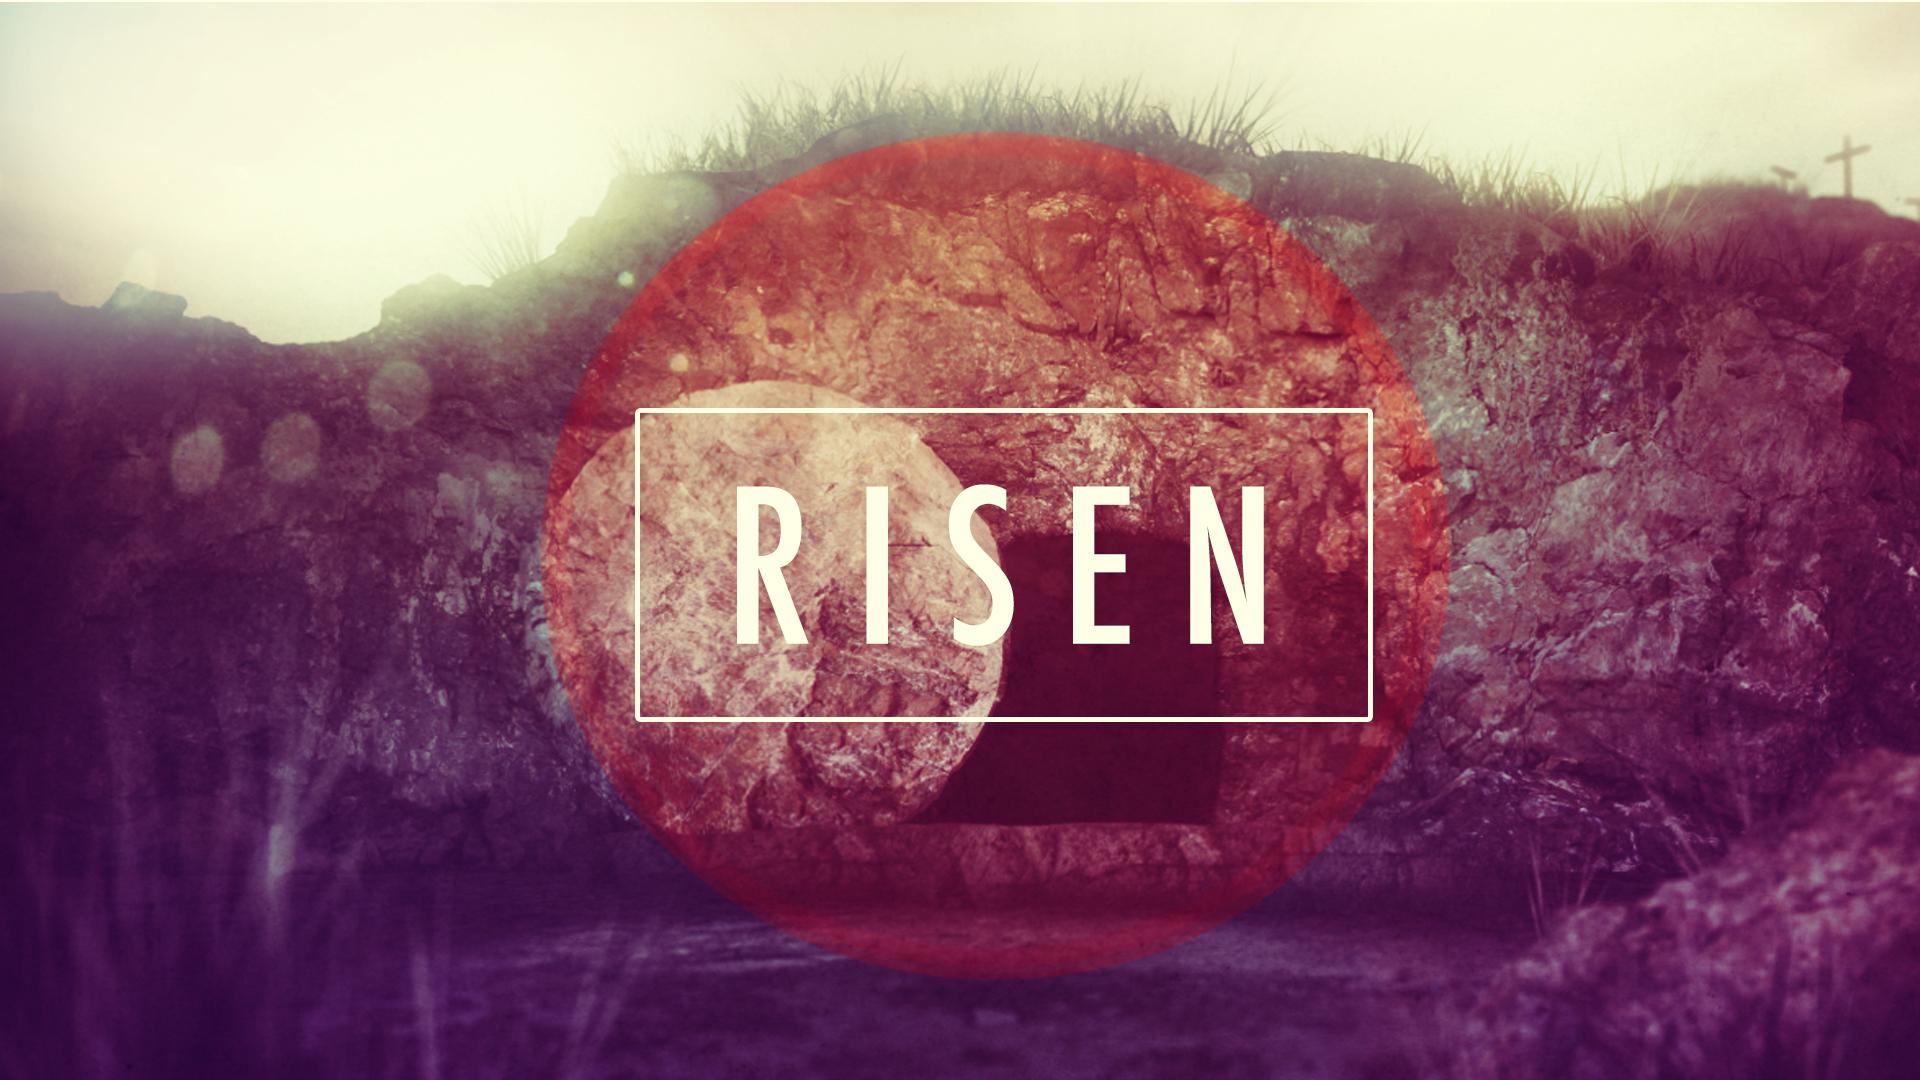 risen  u2013 church sermon series ideas